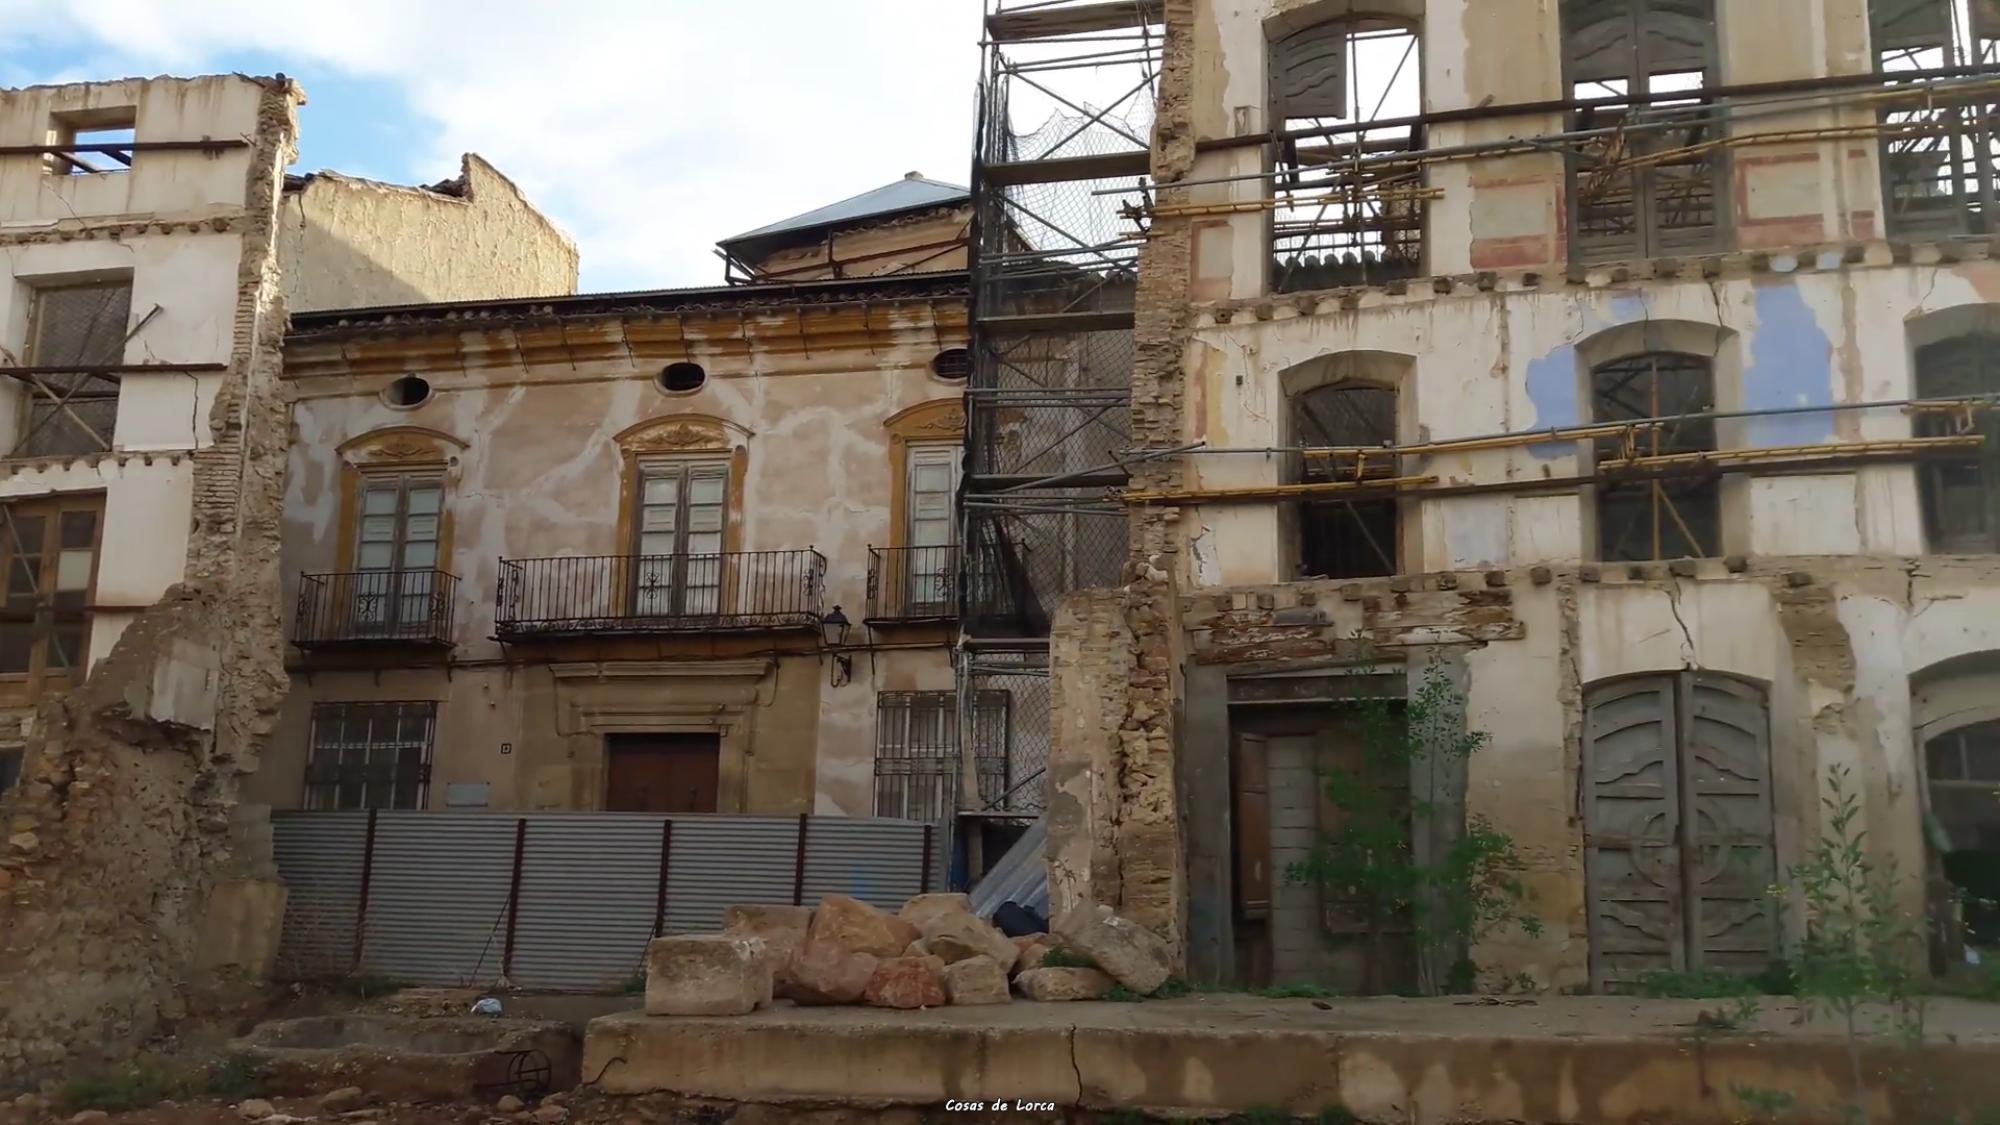 INCOLORO CONFIDENCIAL, por Jerónimo Martínez : ' Lorca, Palacio de Justicia y AVE, viento en popa'